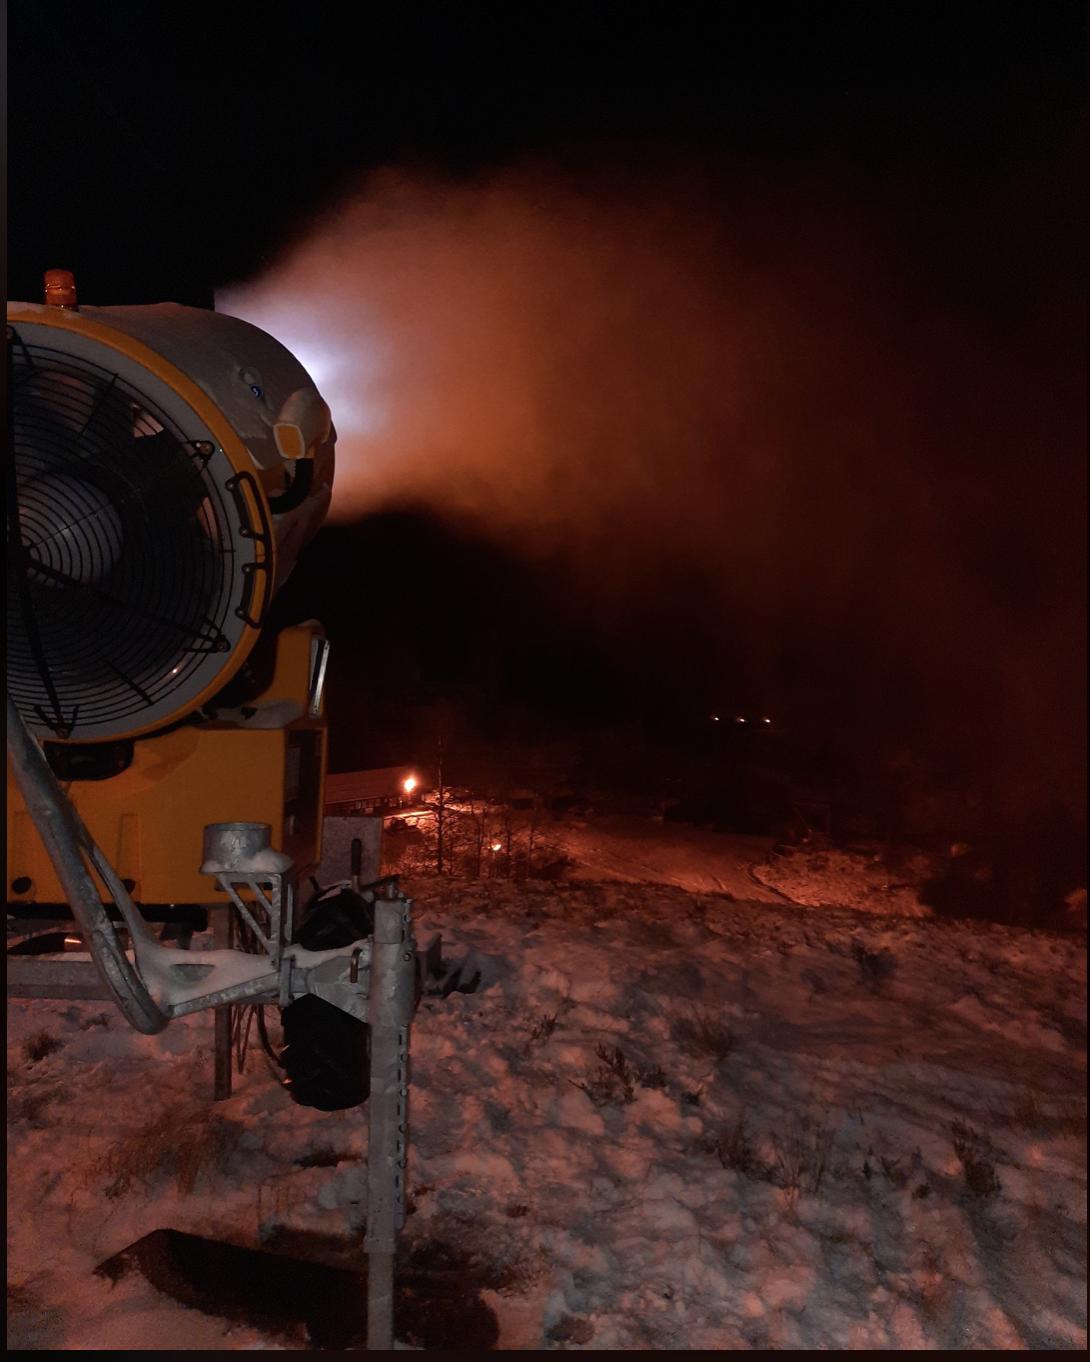 Et bilde som inneholder utendørs, brann, mørk, natt  Automatisk generert beskrivelse